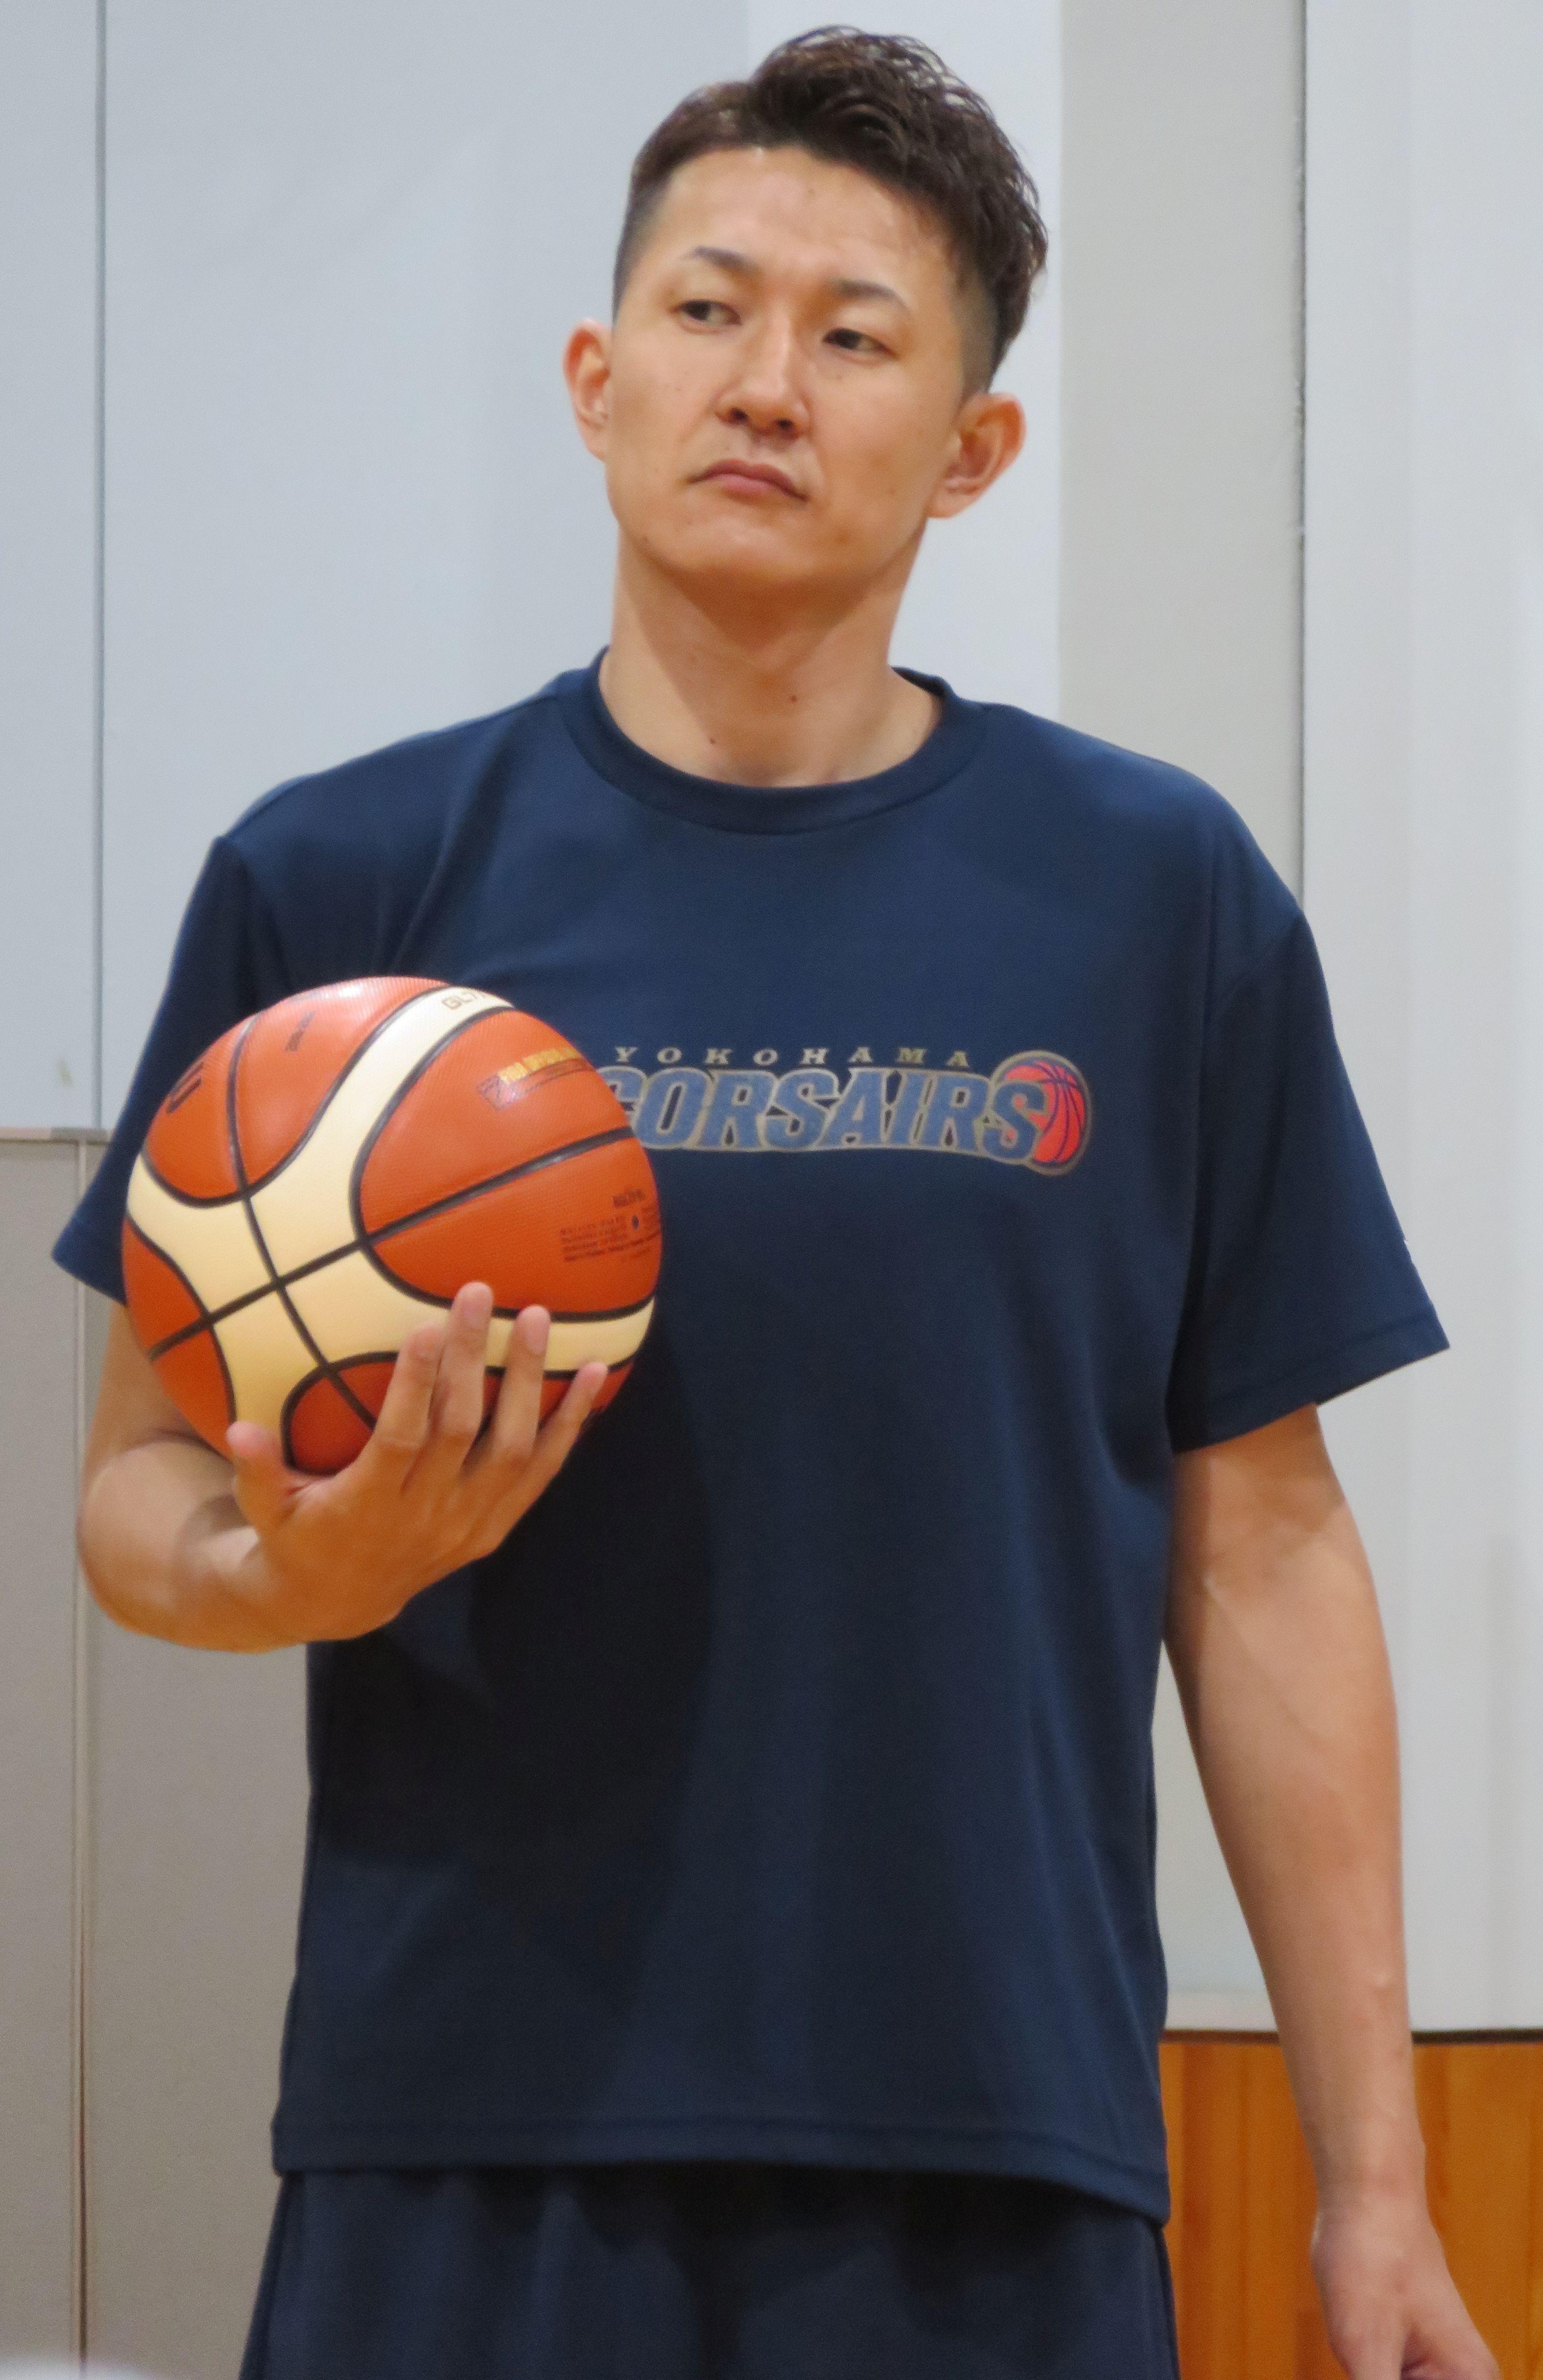 選手 ビー コルセ アーズ